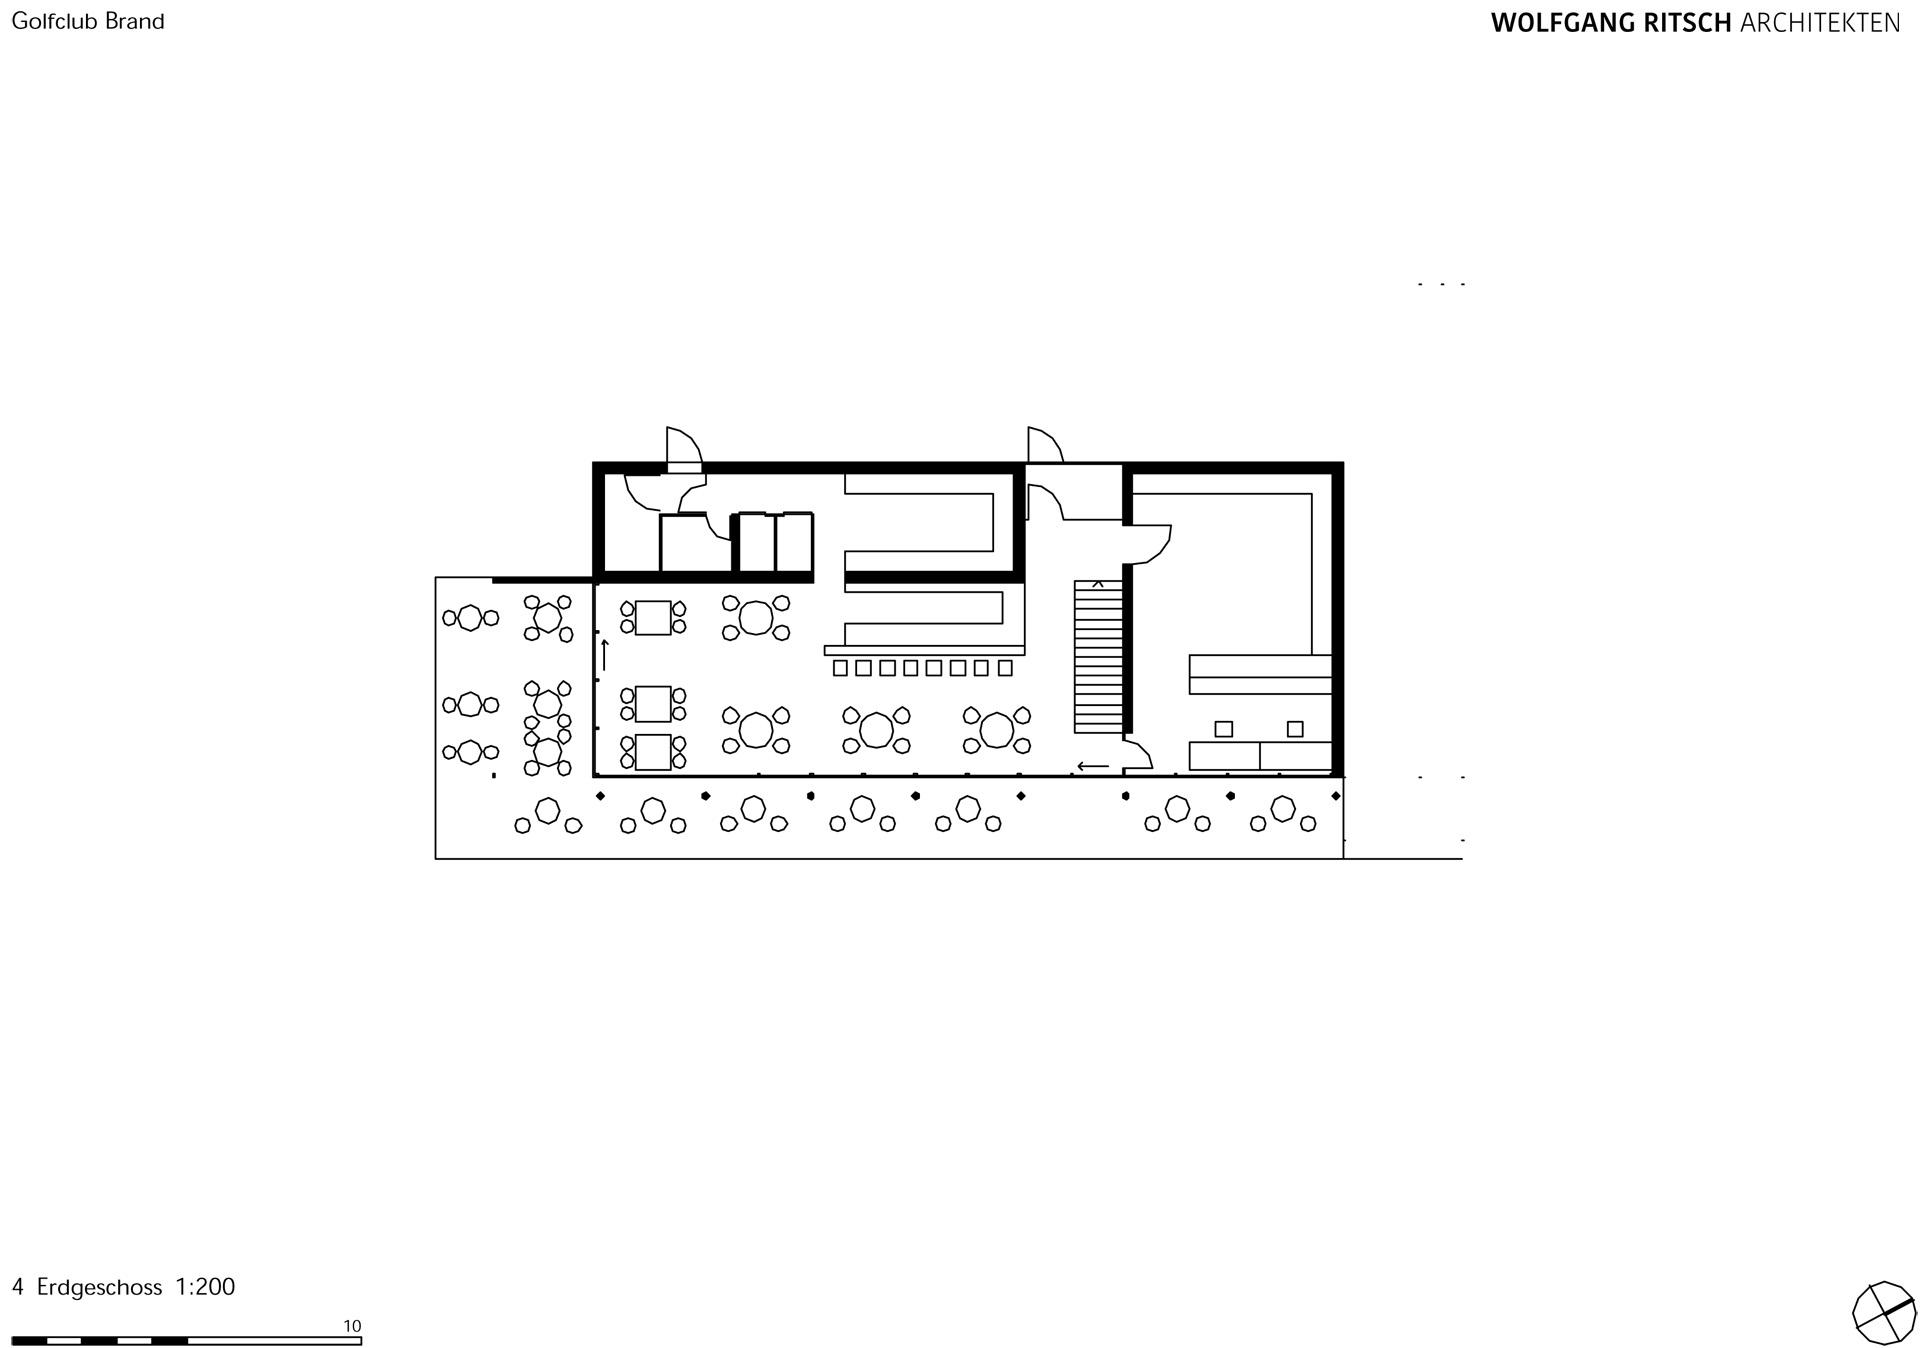 X:PROJEKTE70001870 GC Brand2-PUBLIPLAN20-dwg903_Erdgeschos